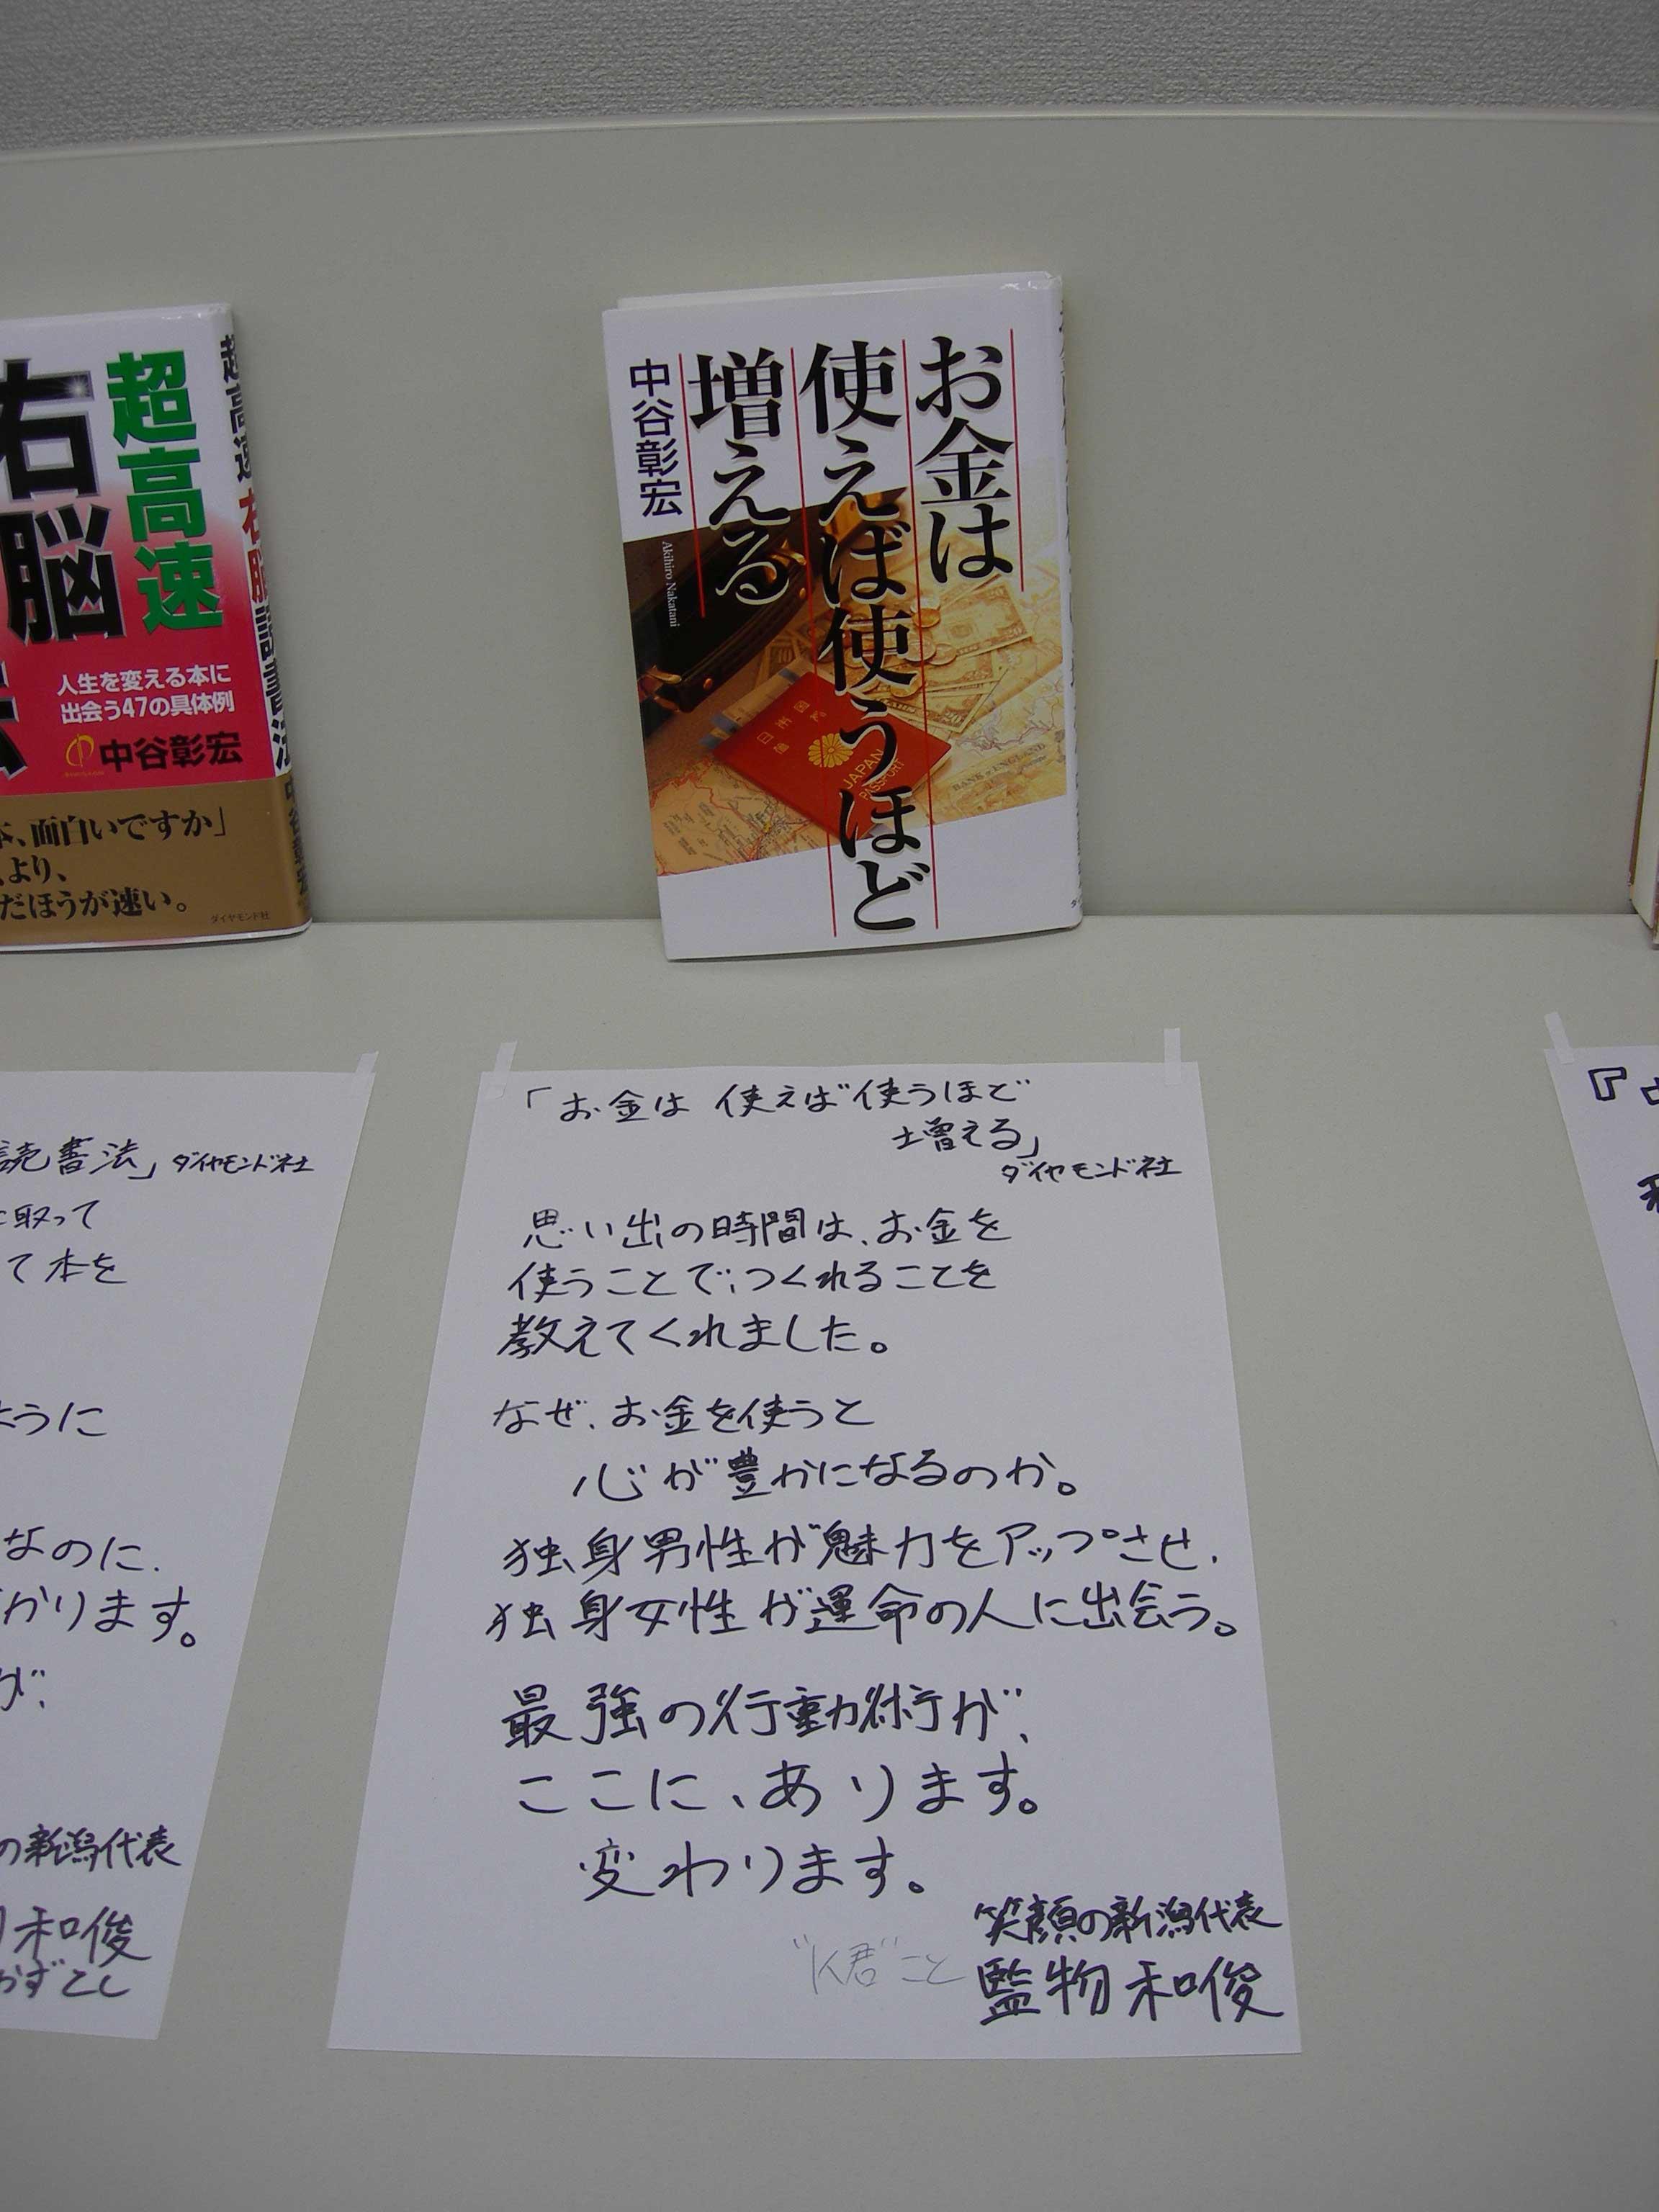 20100516_紹介文_監物和俊さん_7.jpg